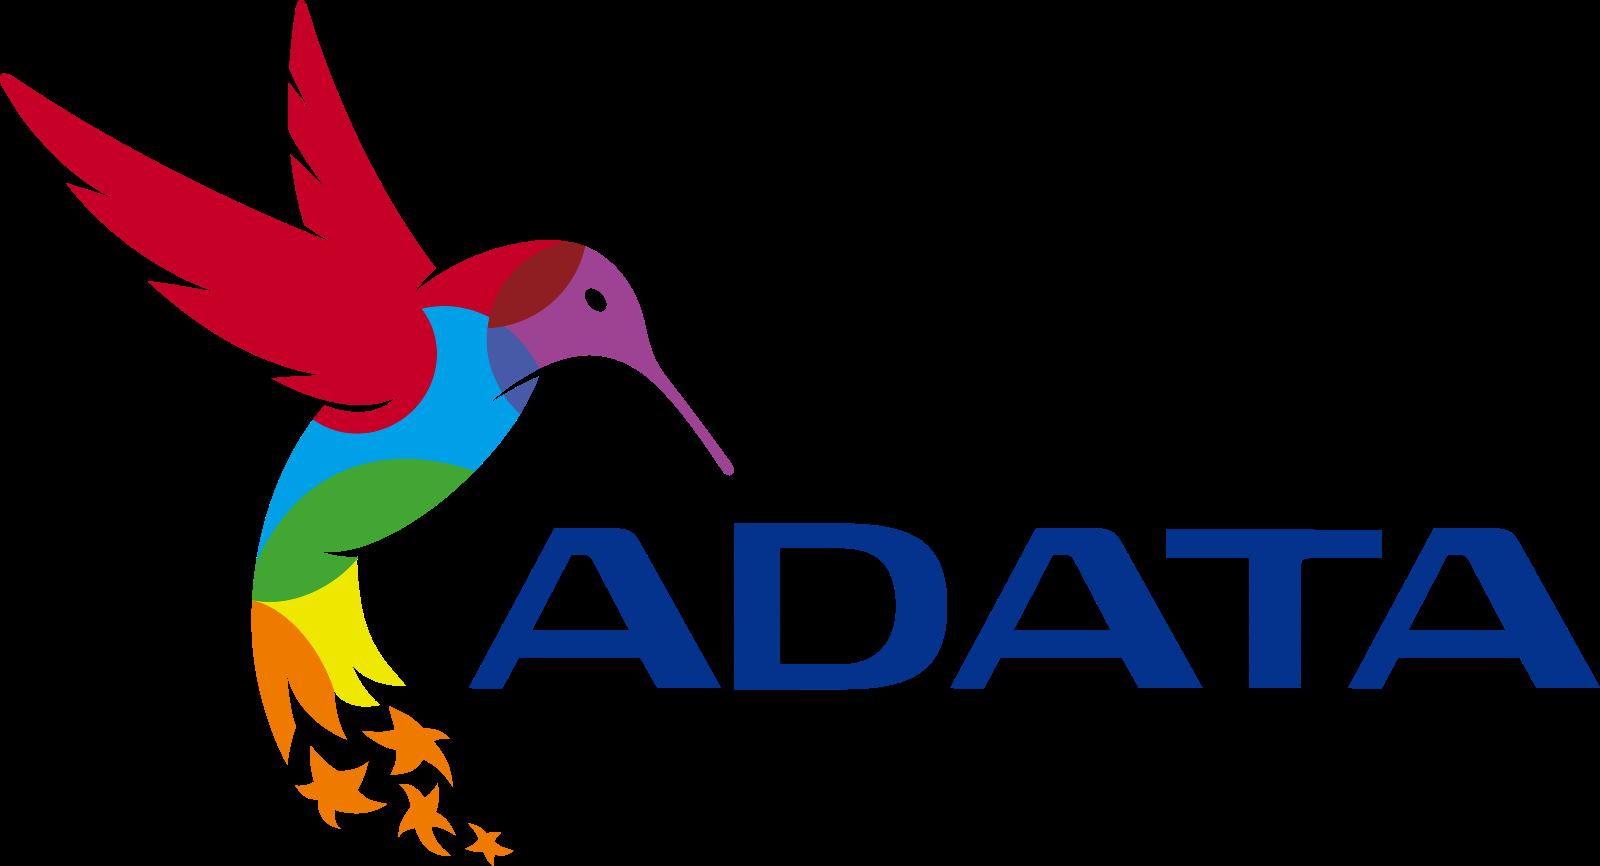 adata logo 5 - ADATA Logo